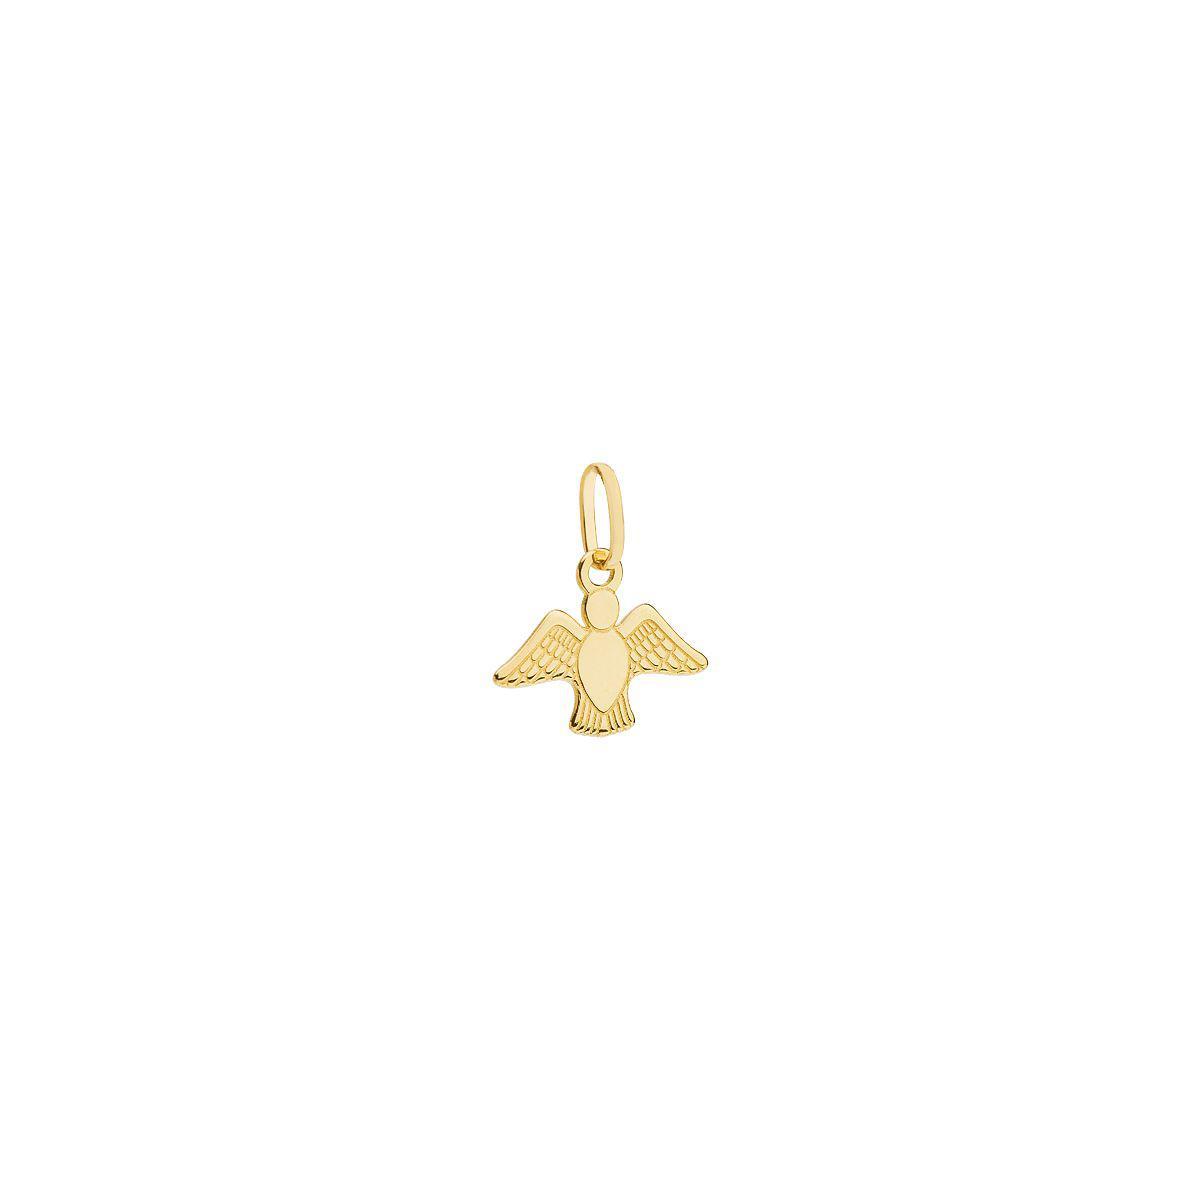 Pingente de Ouro 18k Divino Espírito Santo pi18963 - Joiasgold R  142,07 à  vista. Adicionar à sacola 4660d9b90e